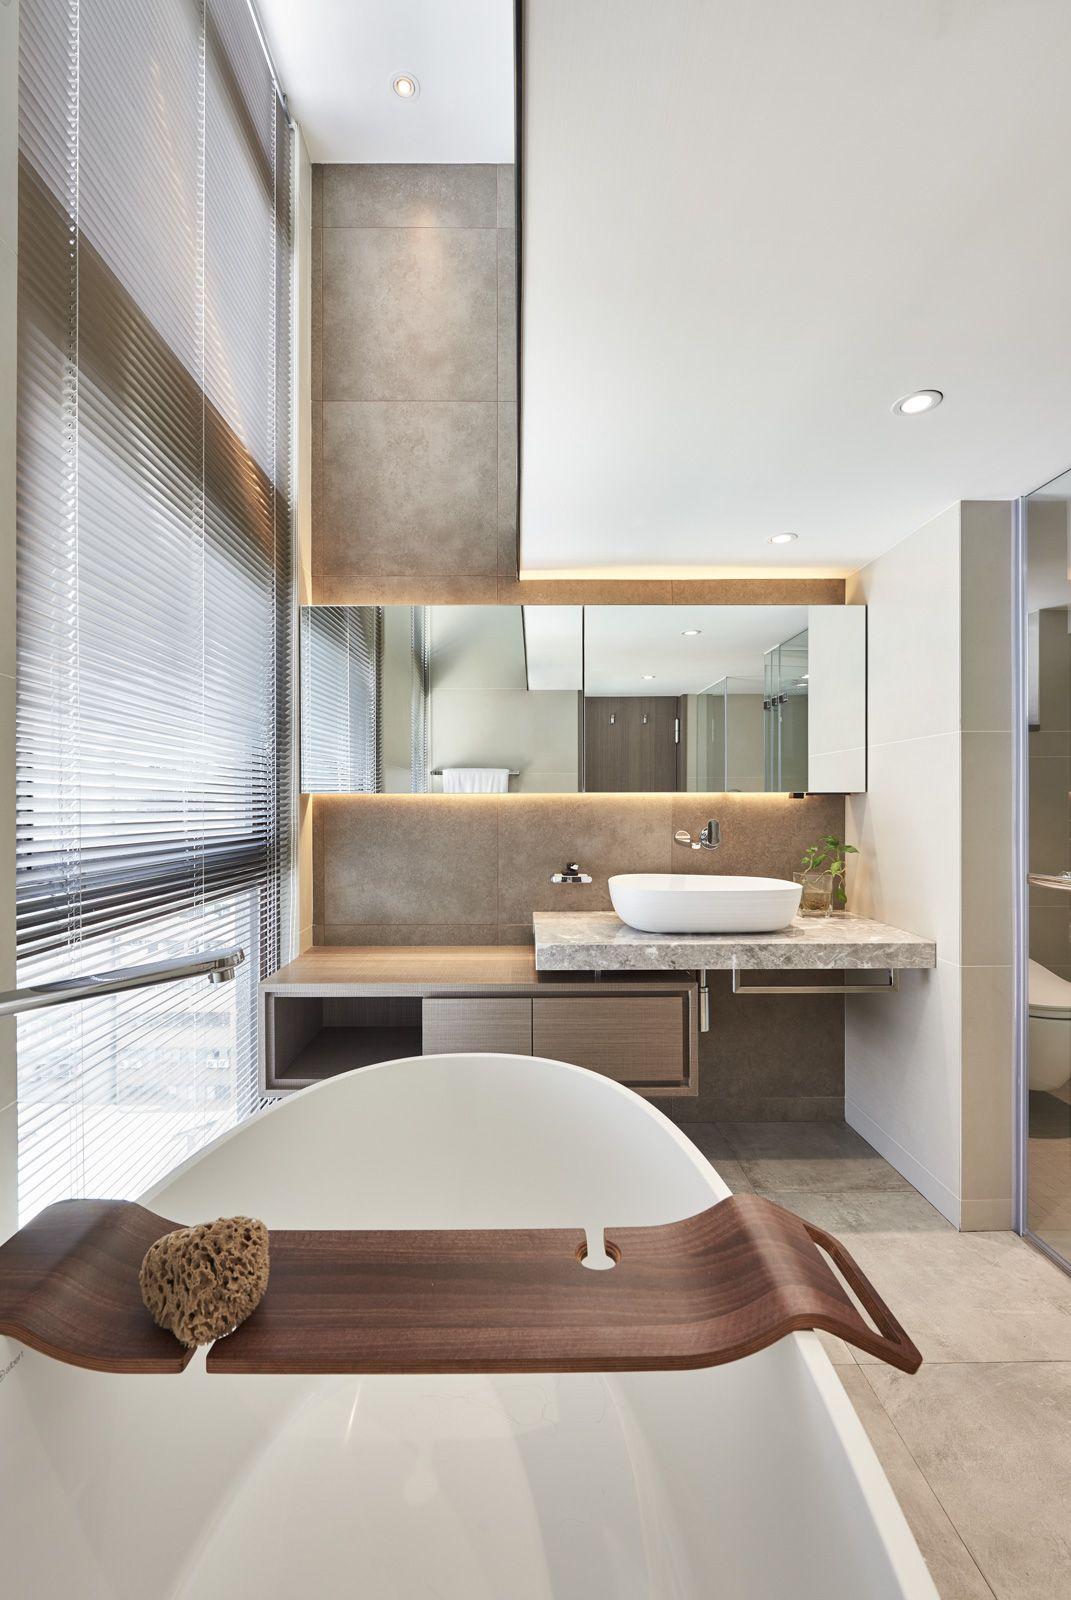 Tenten Up N Down In 2019 Bathroom Interior Design